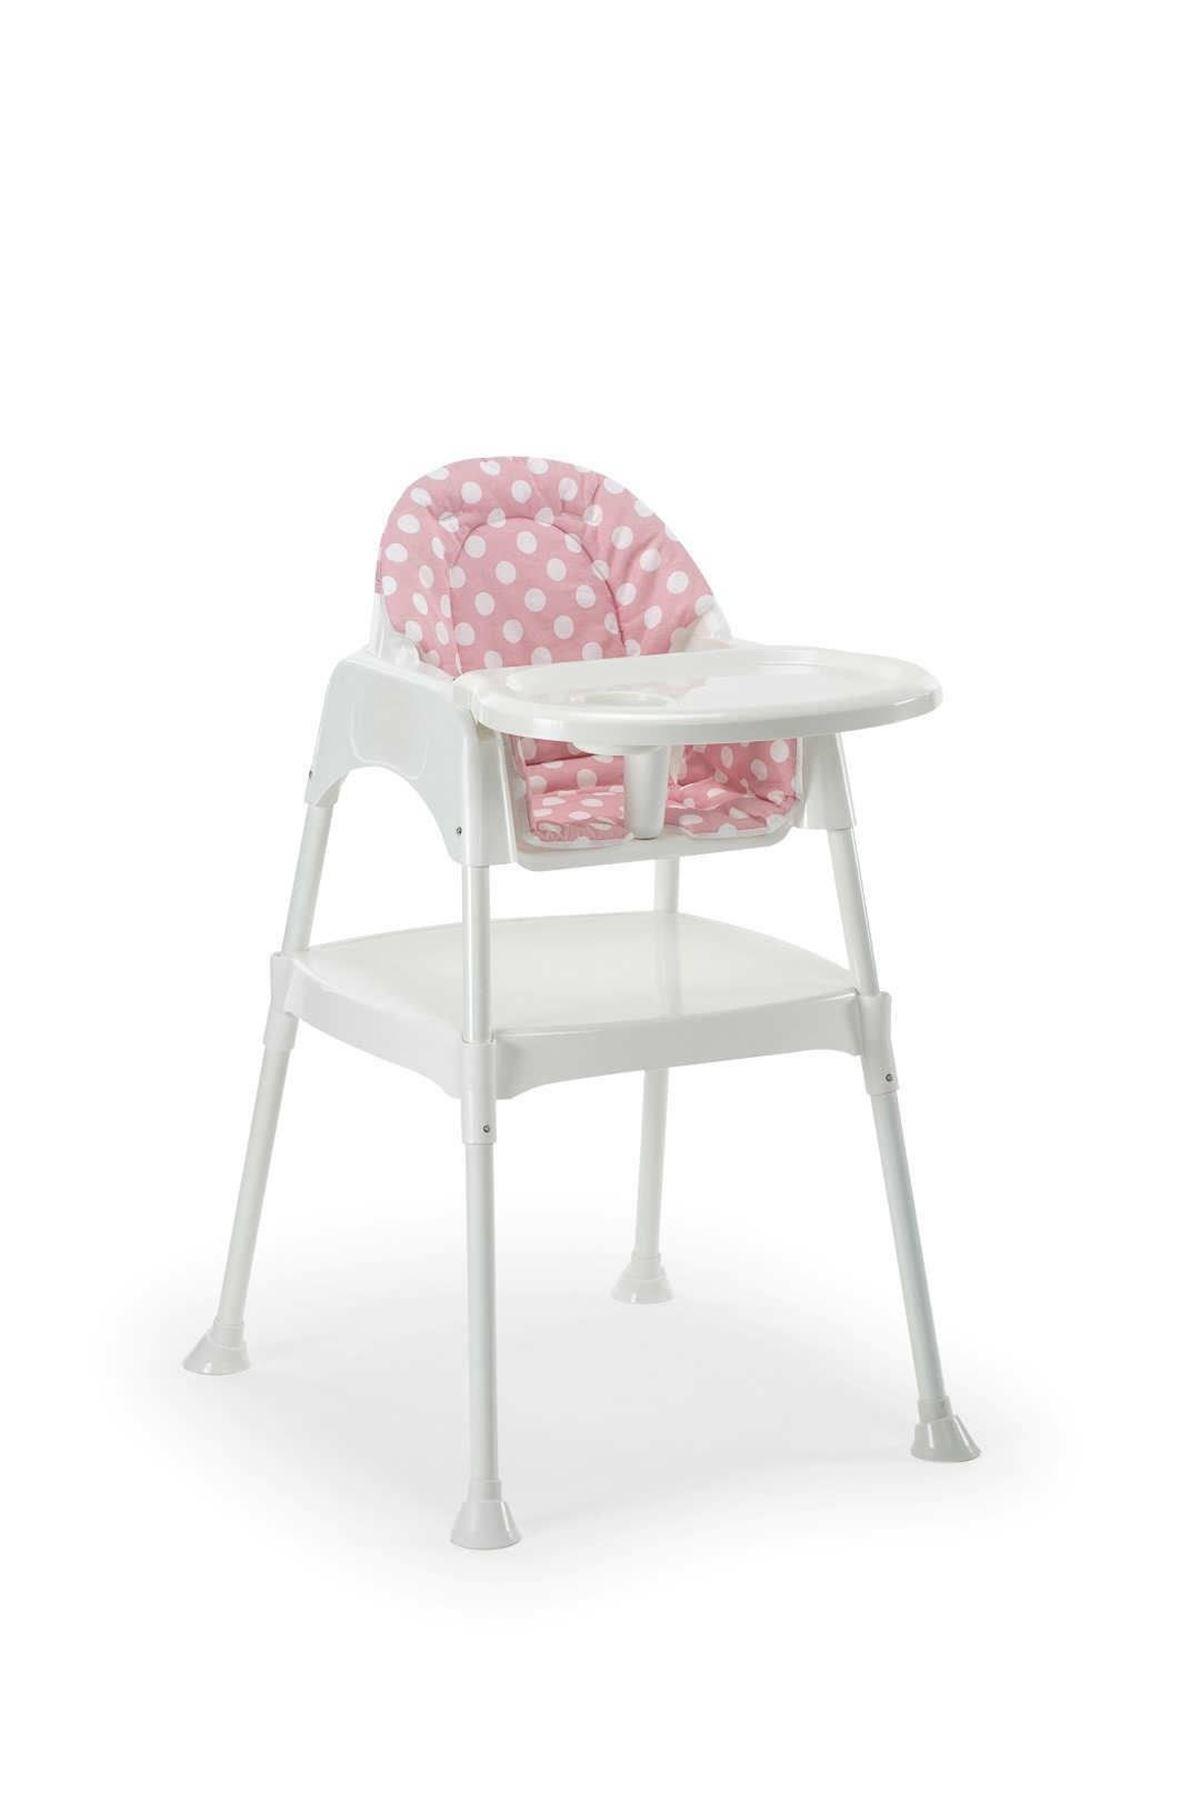 Moje Çalışma Masalı Portatif Mama Sandalyesi (Minderli Set) Pembe